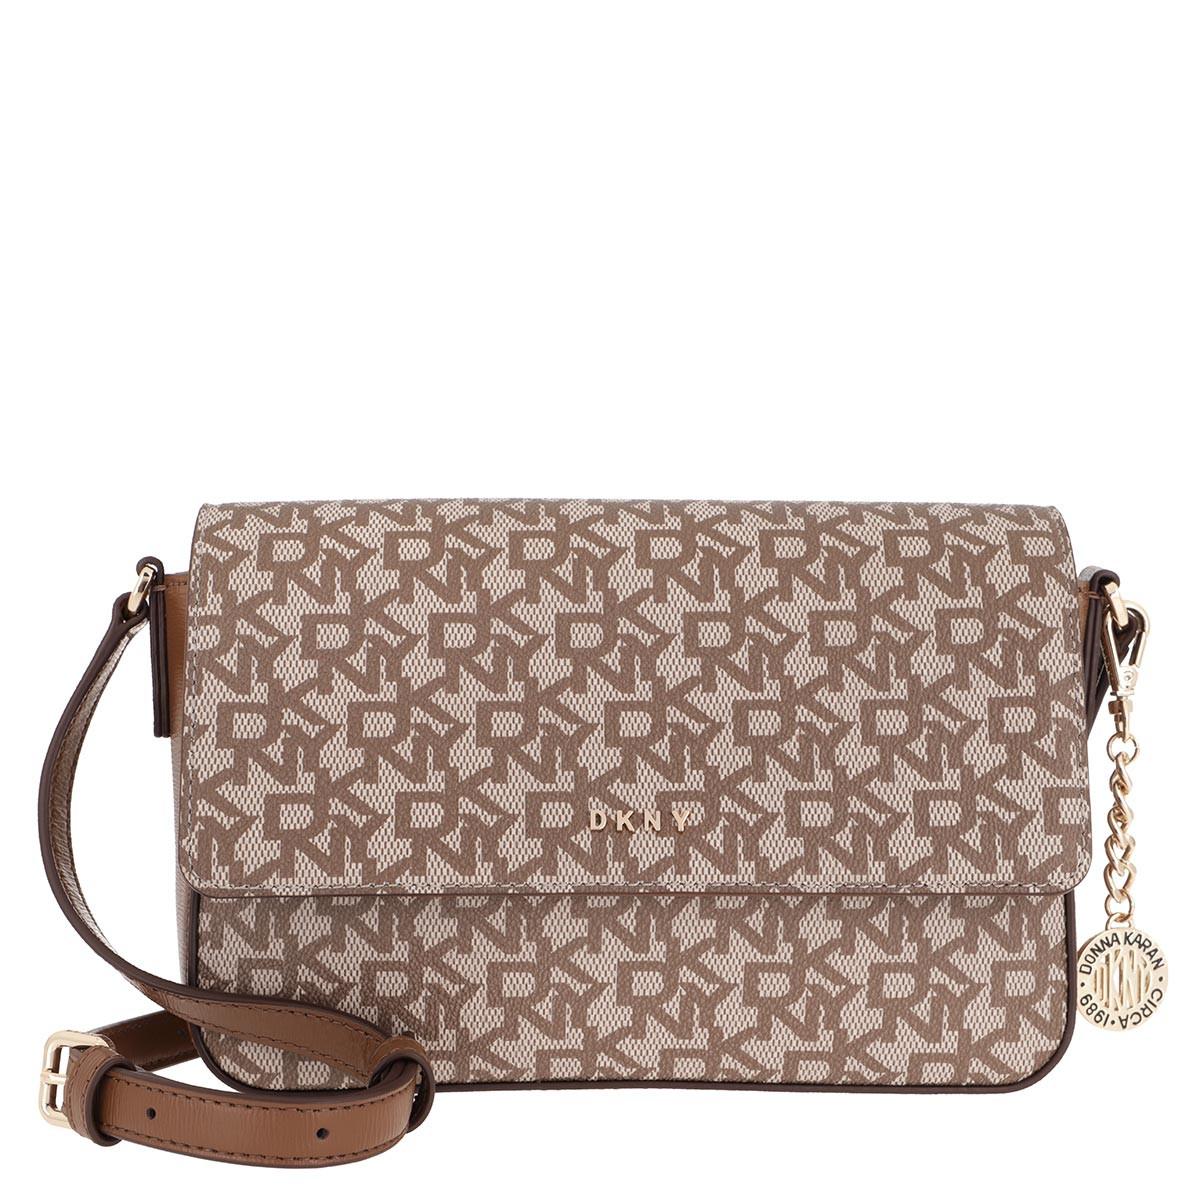 DKNY Umhängetasche - Brant Flap Crossbody Bag Chino Logo - in braun - für Damen